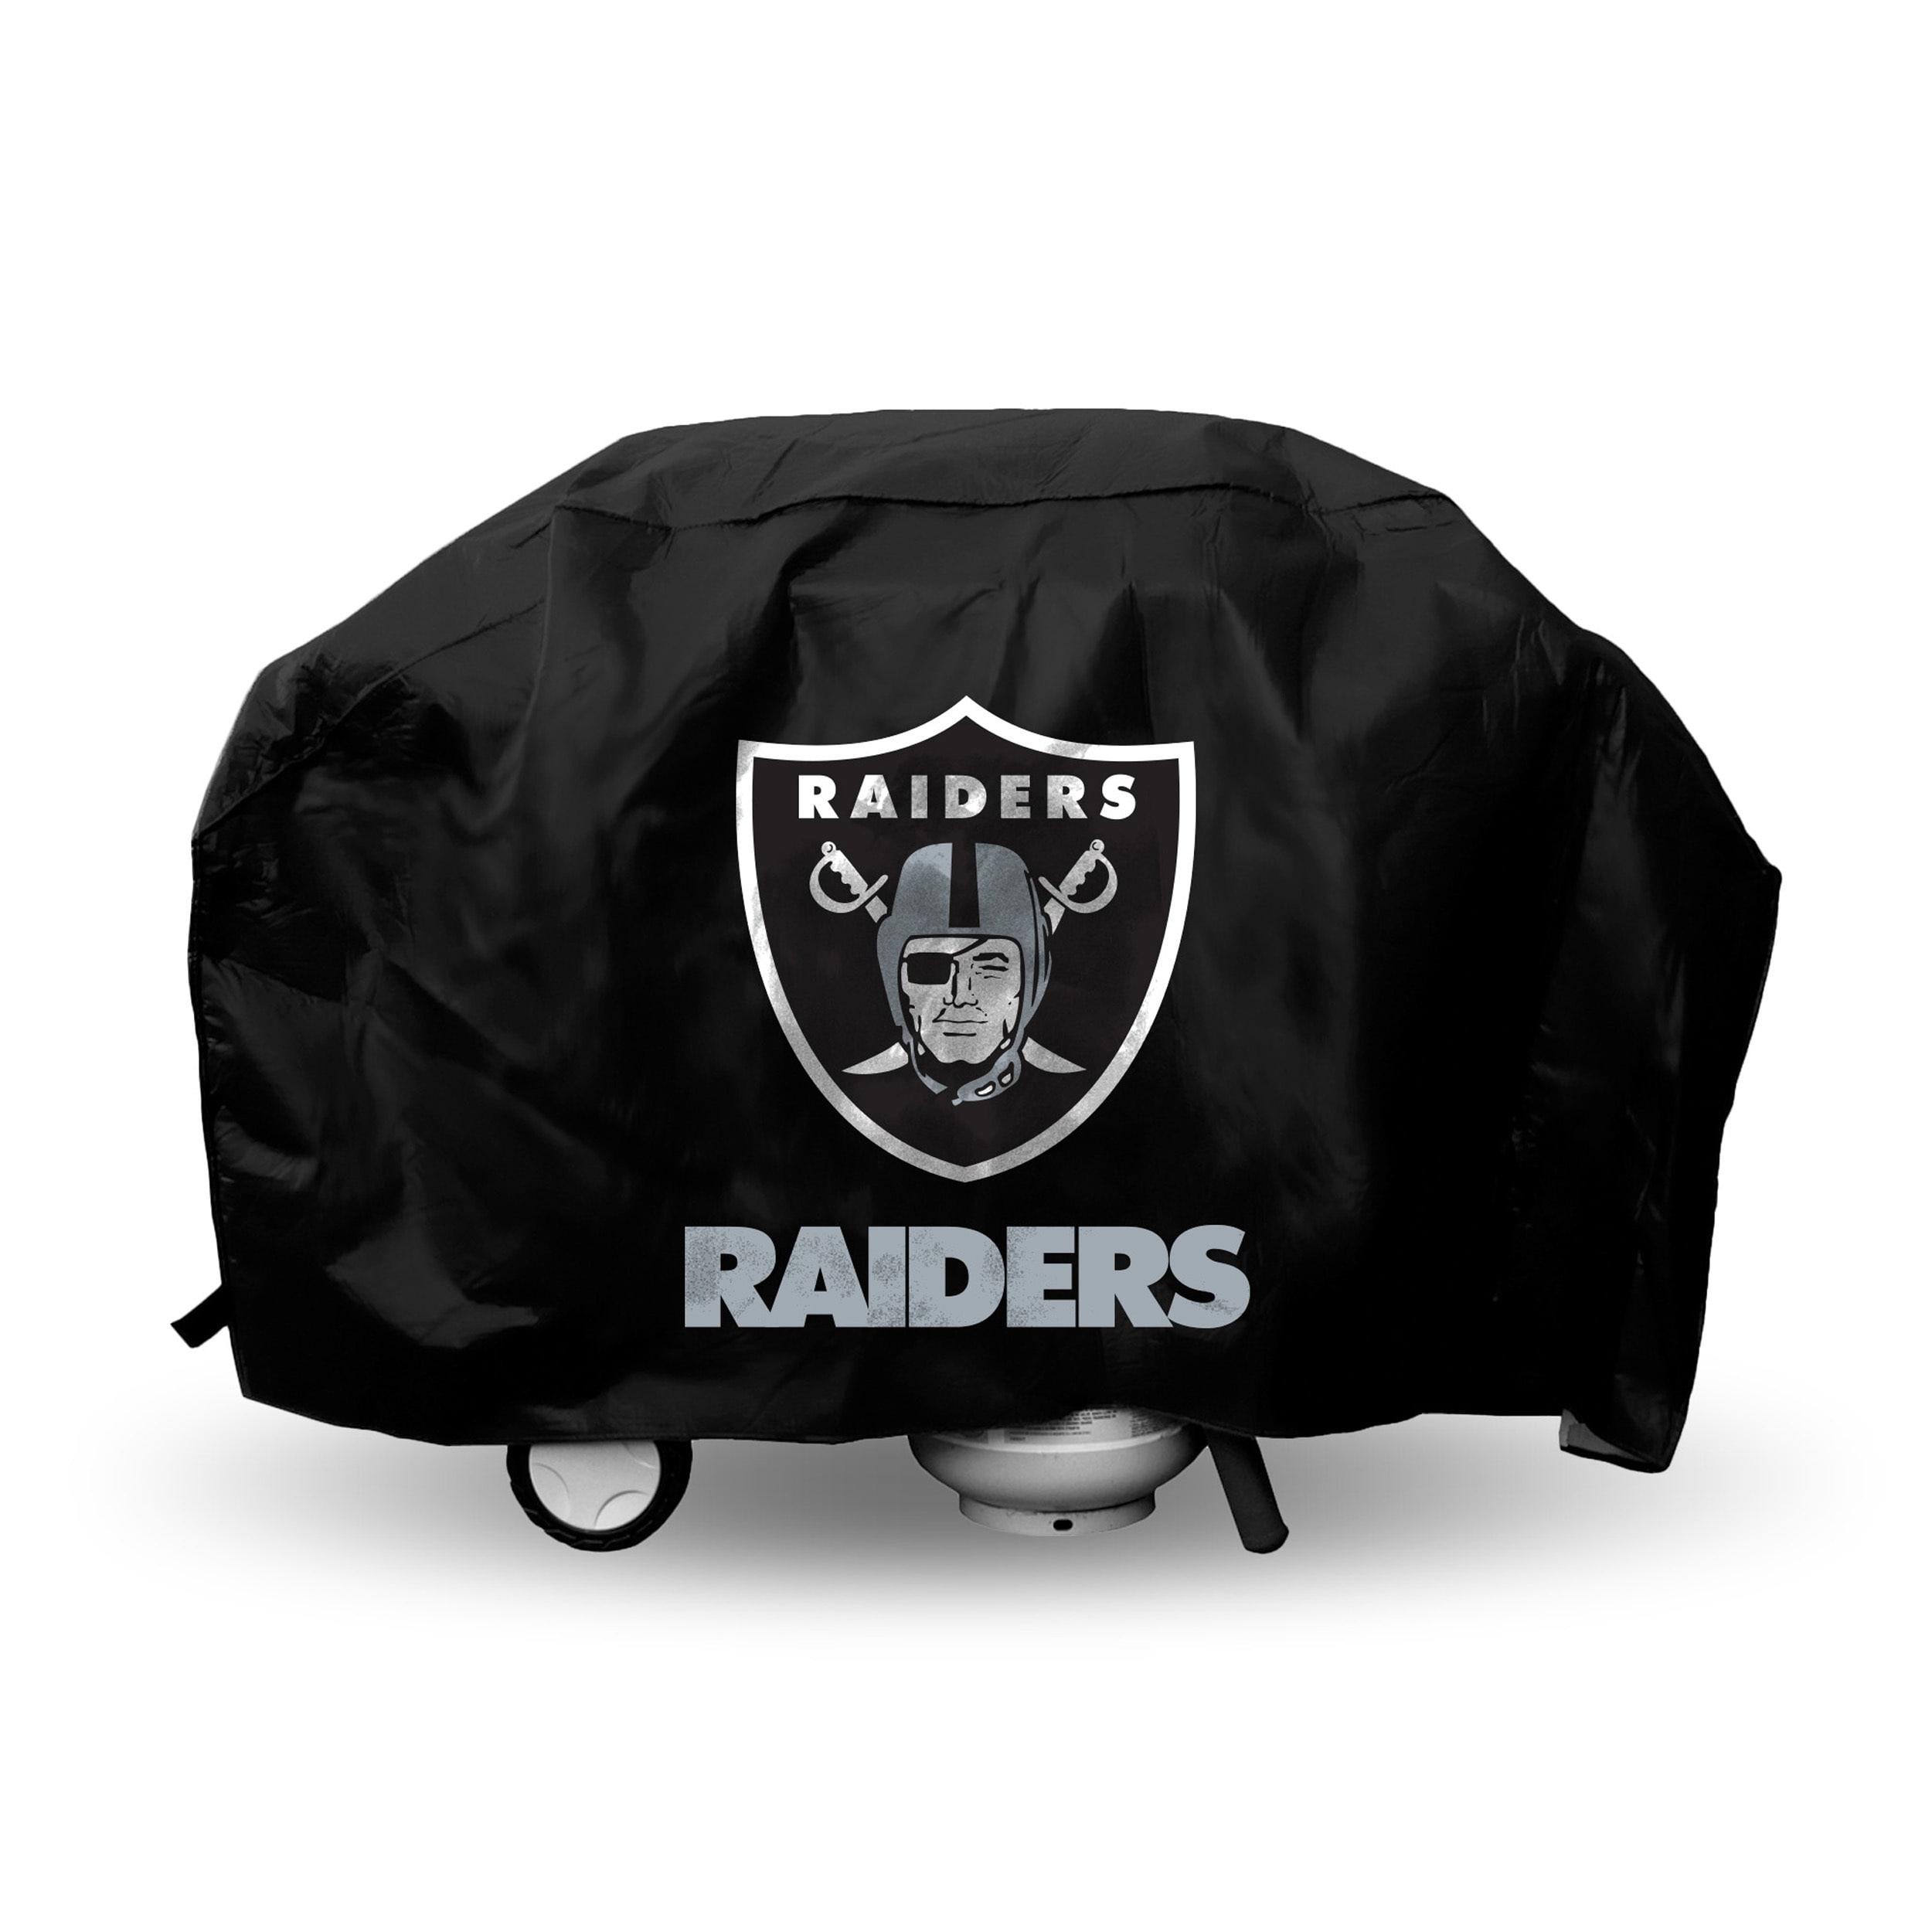 Oakland Raiders Grill Cover Economy